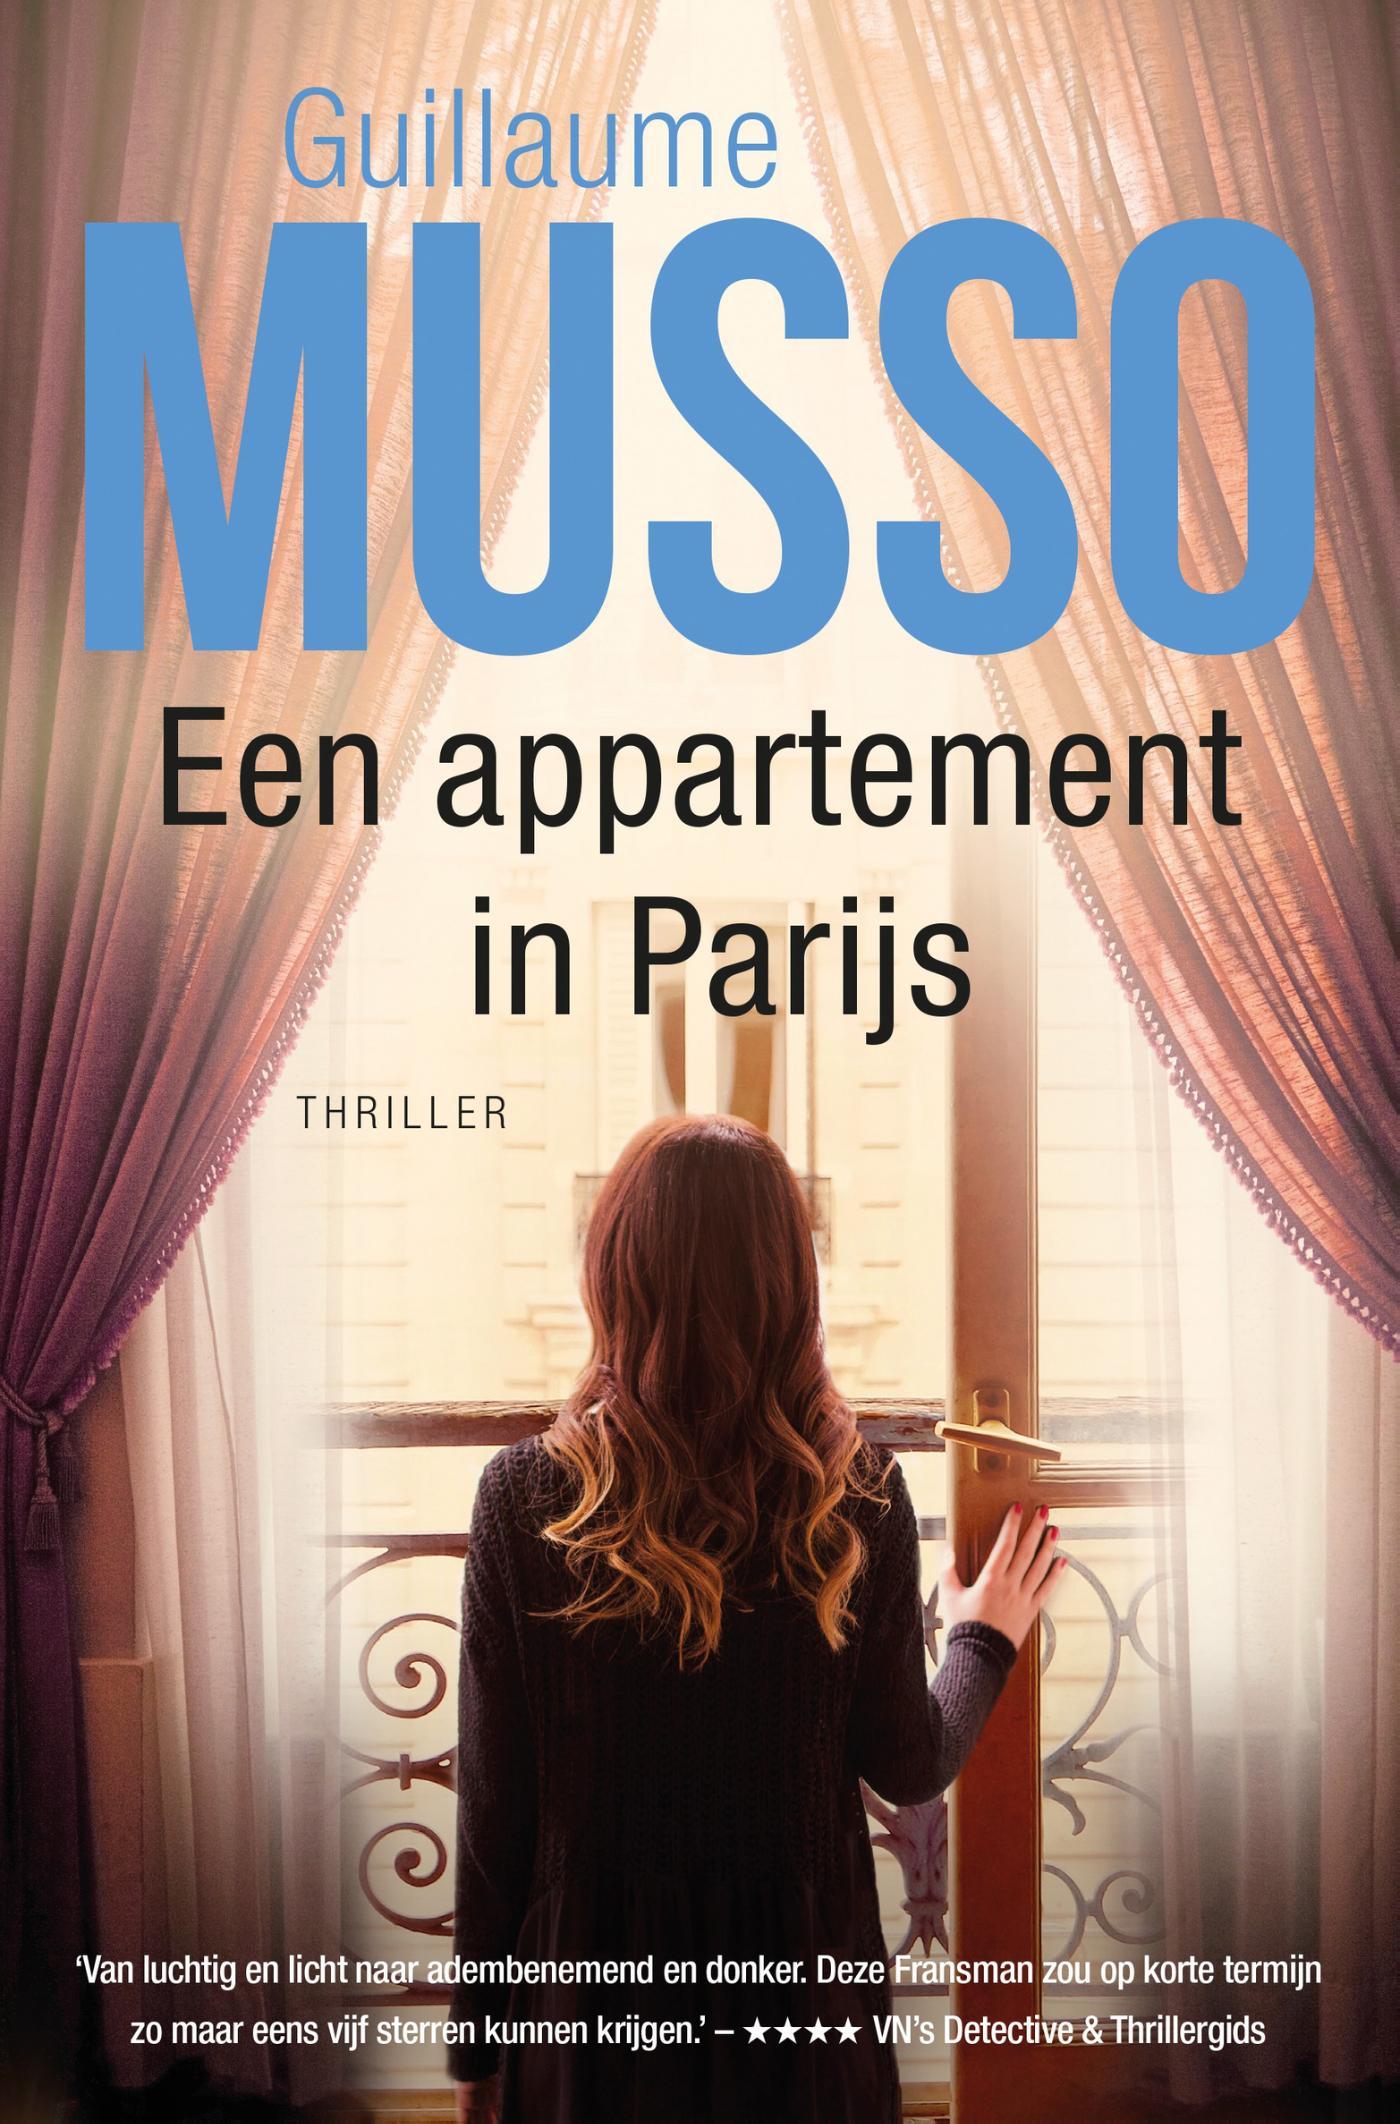 Musso Bericht Uit Parijs.Boek Bericht Uit Parijs Geschreven Door Guillaume Musso